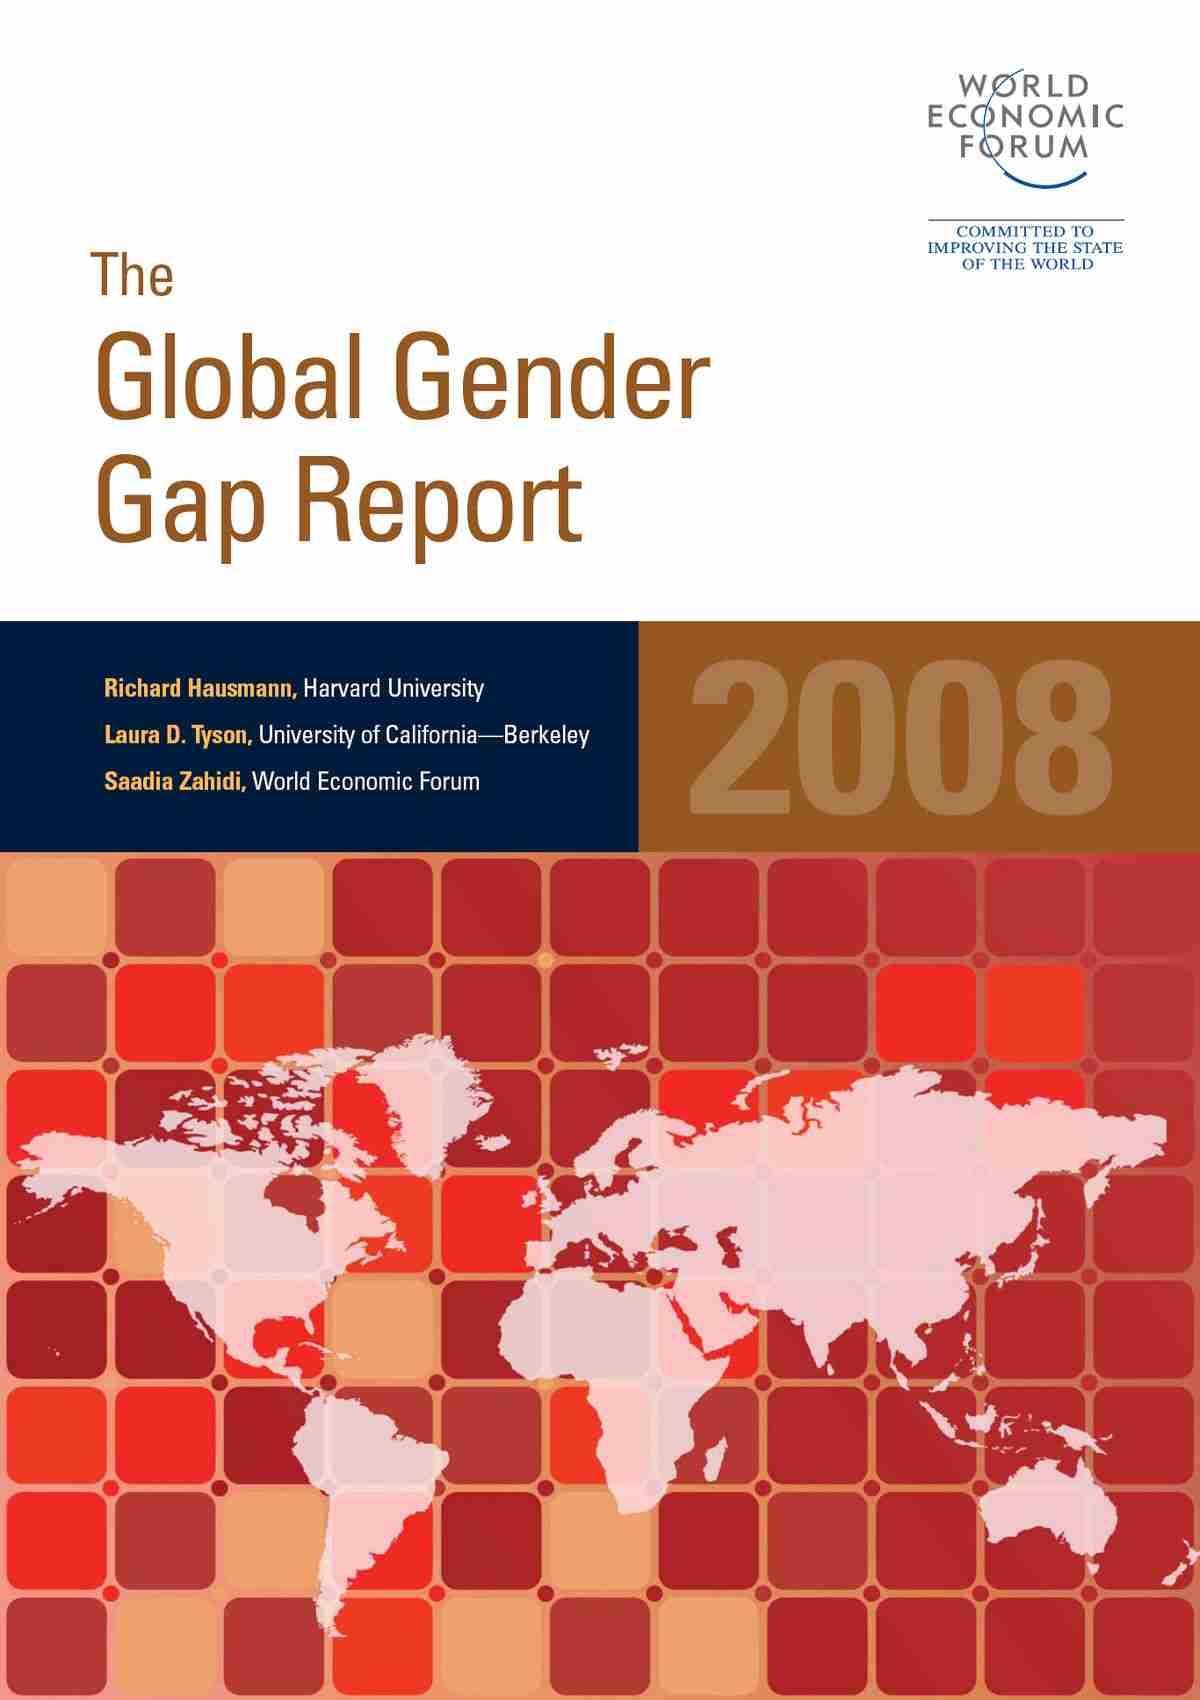 世界男女格差指数 - Wikipedia